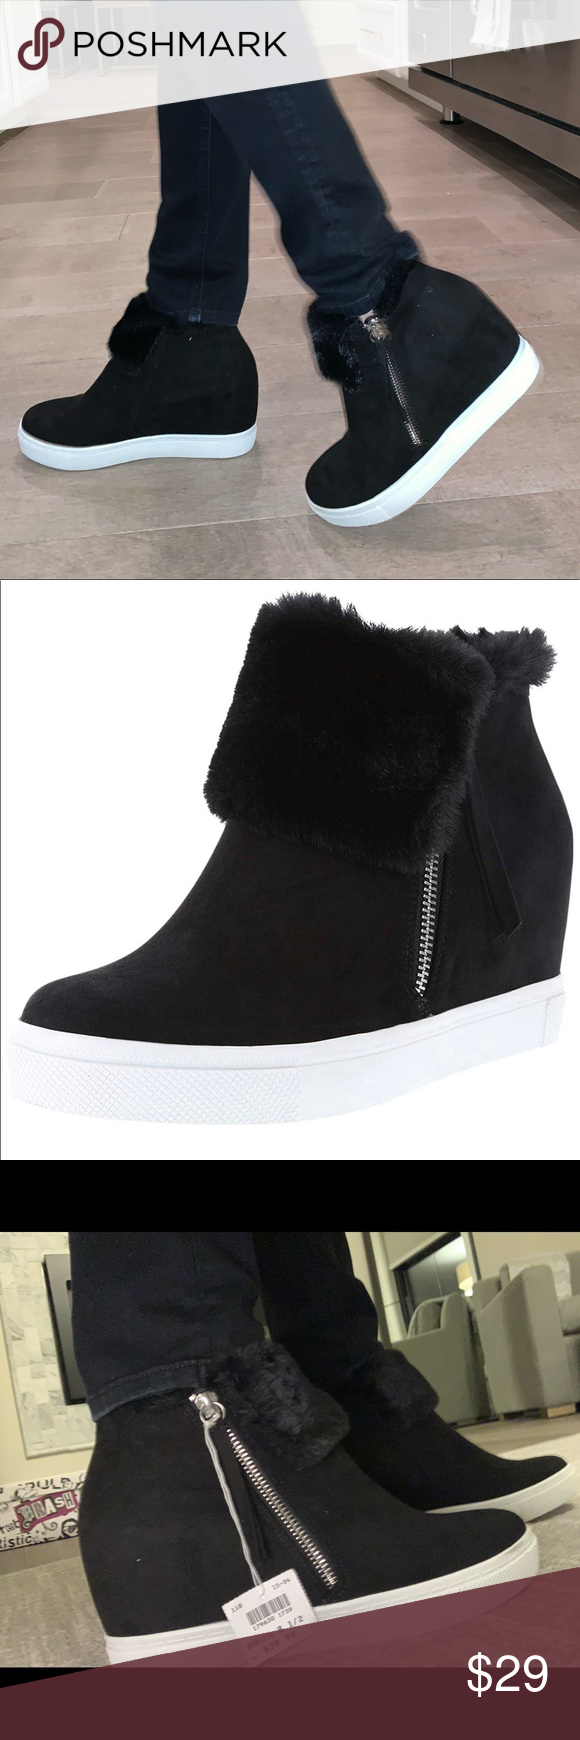 Black Suede Wedge Sneaker with Fur in